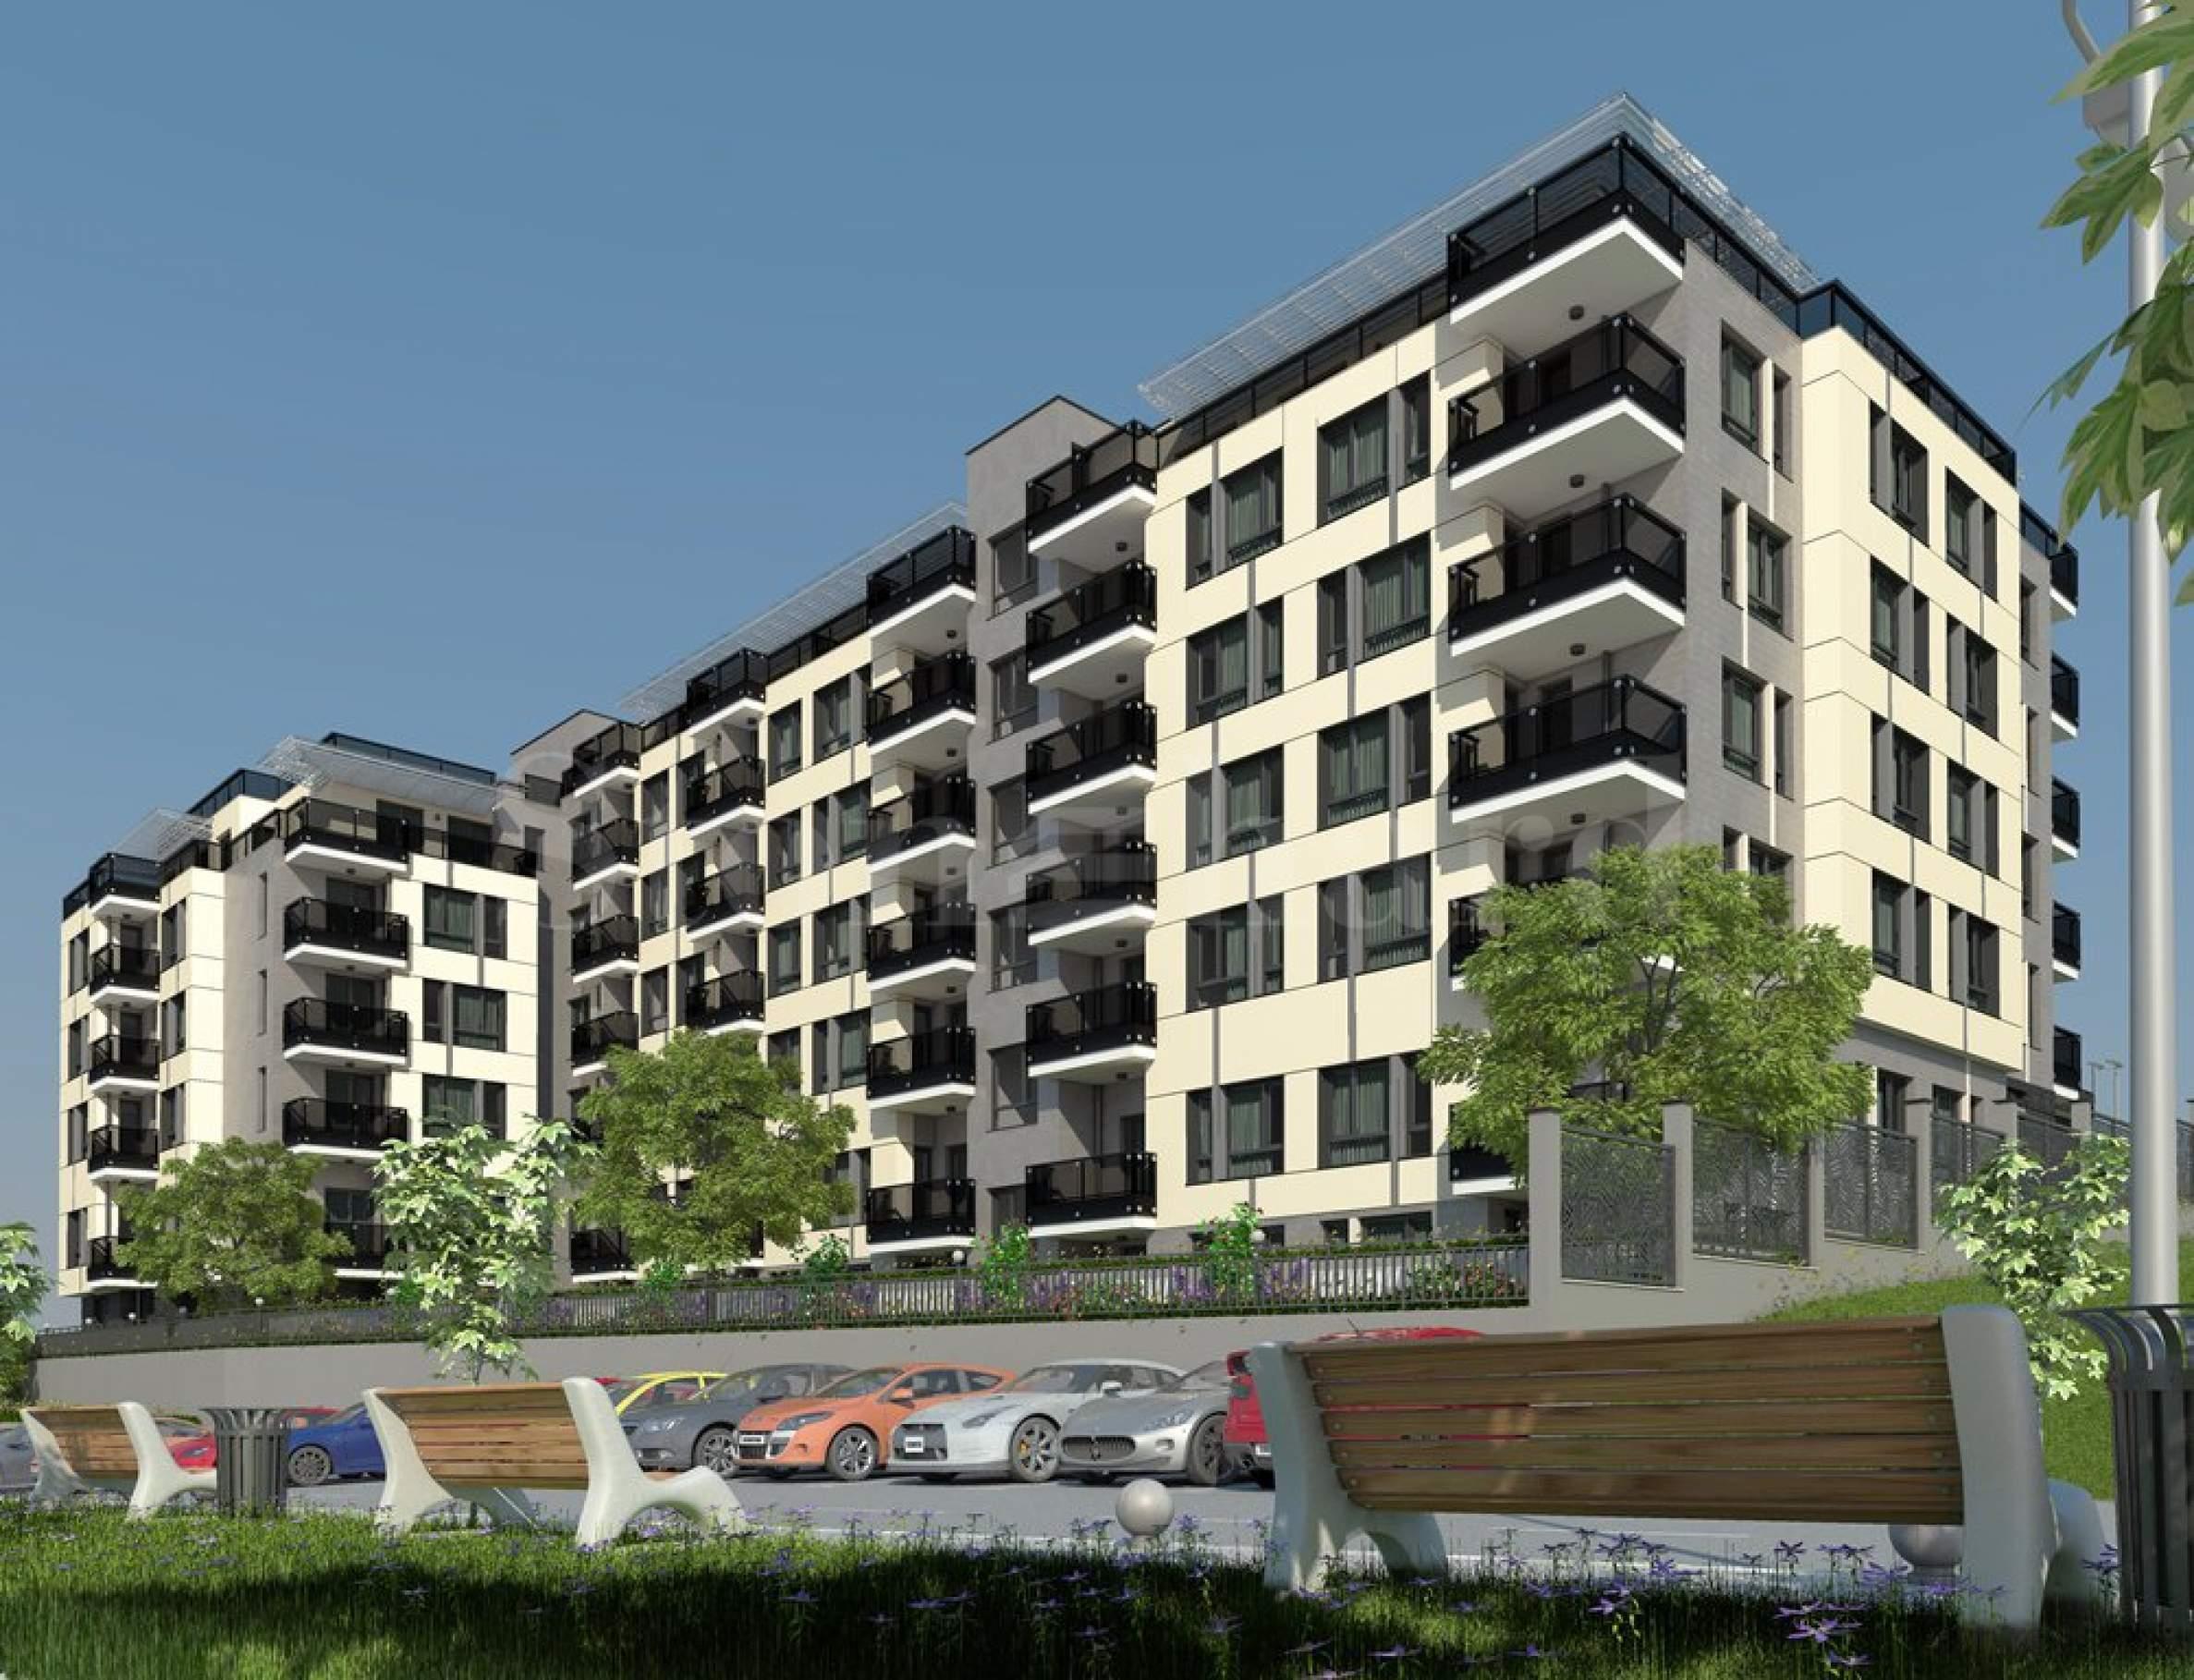 Нови апартаменти в кв. Витоша1 - Stonehard